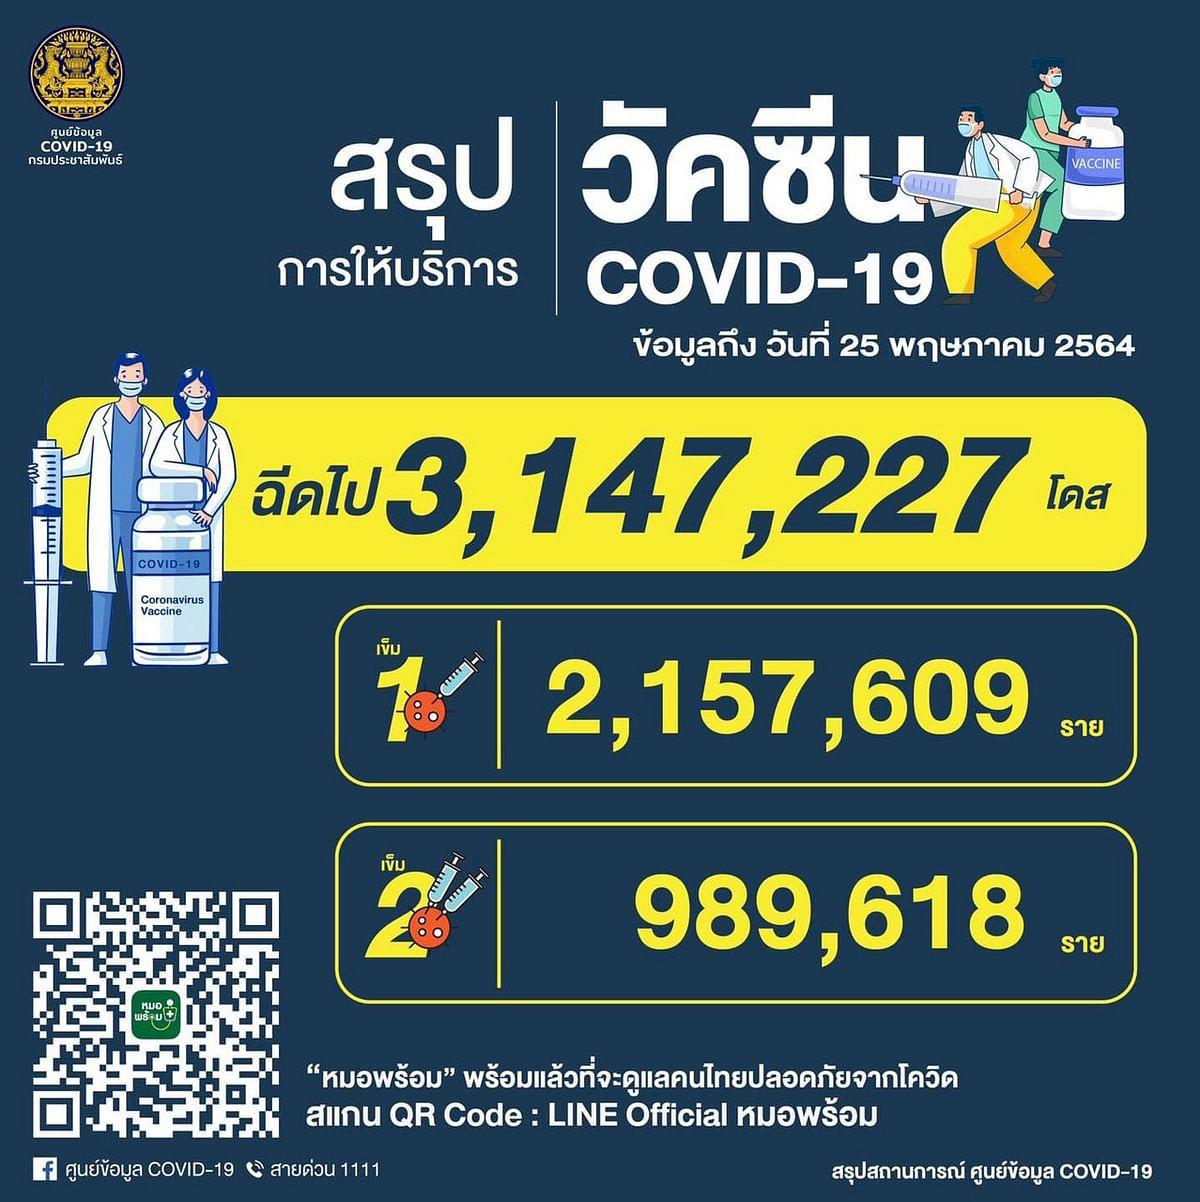 สรุปการให้บริการ วัคซีน COVID-19 ข้อมูลถึงวันที่ 25 พฤษภาคม 2564